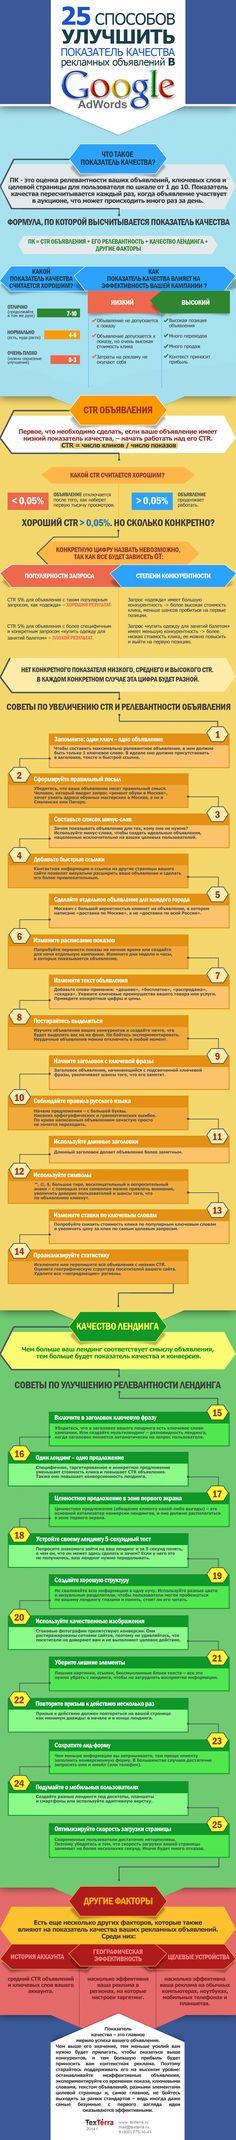 Инфографика: 25 способов улучшить показатель качества рекламных объявлений в Google Adwords (инфографика)